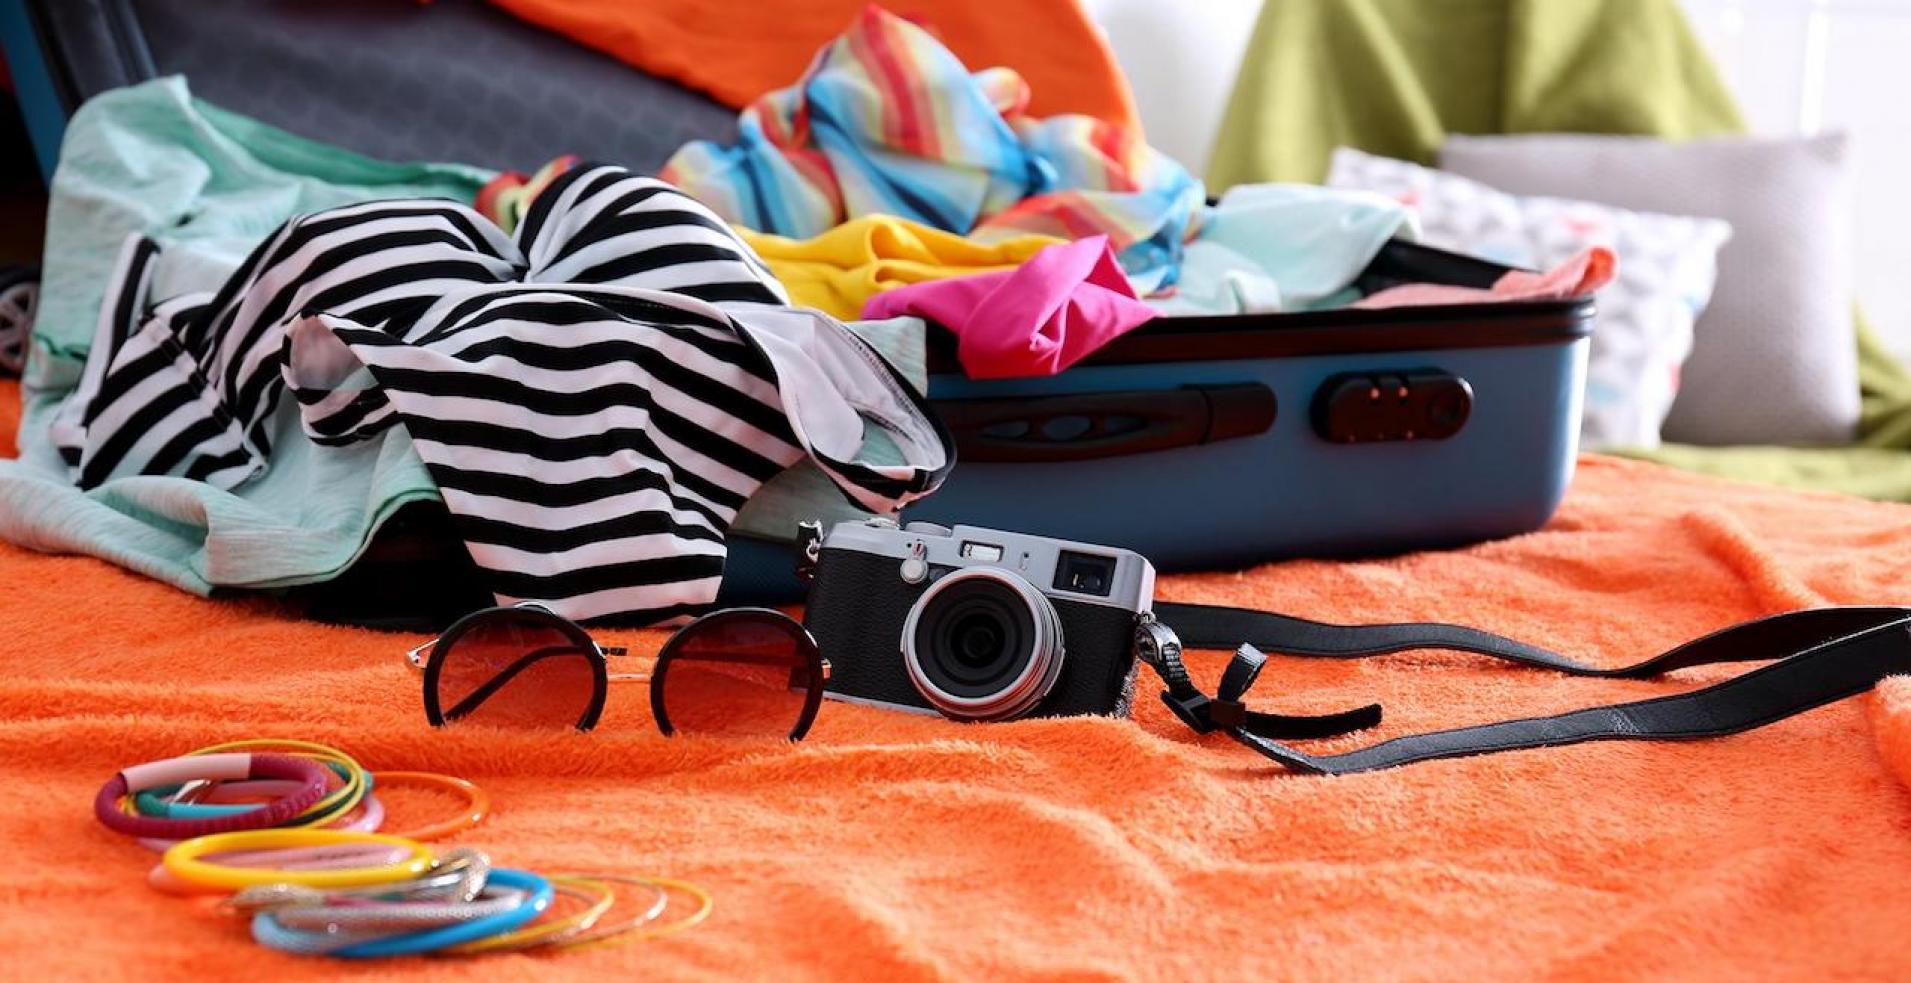 Arrumando a mala: Guia para a sua mala ideal